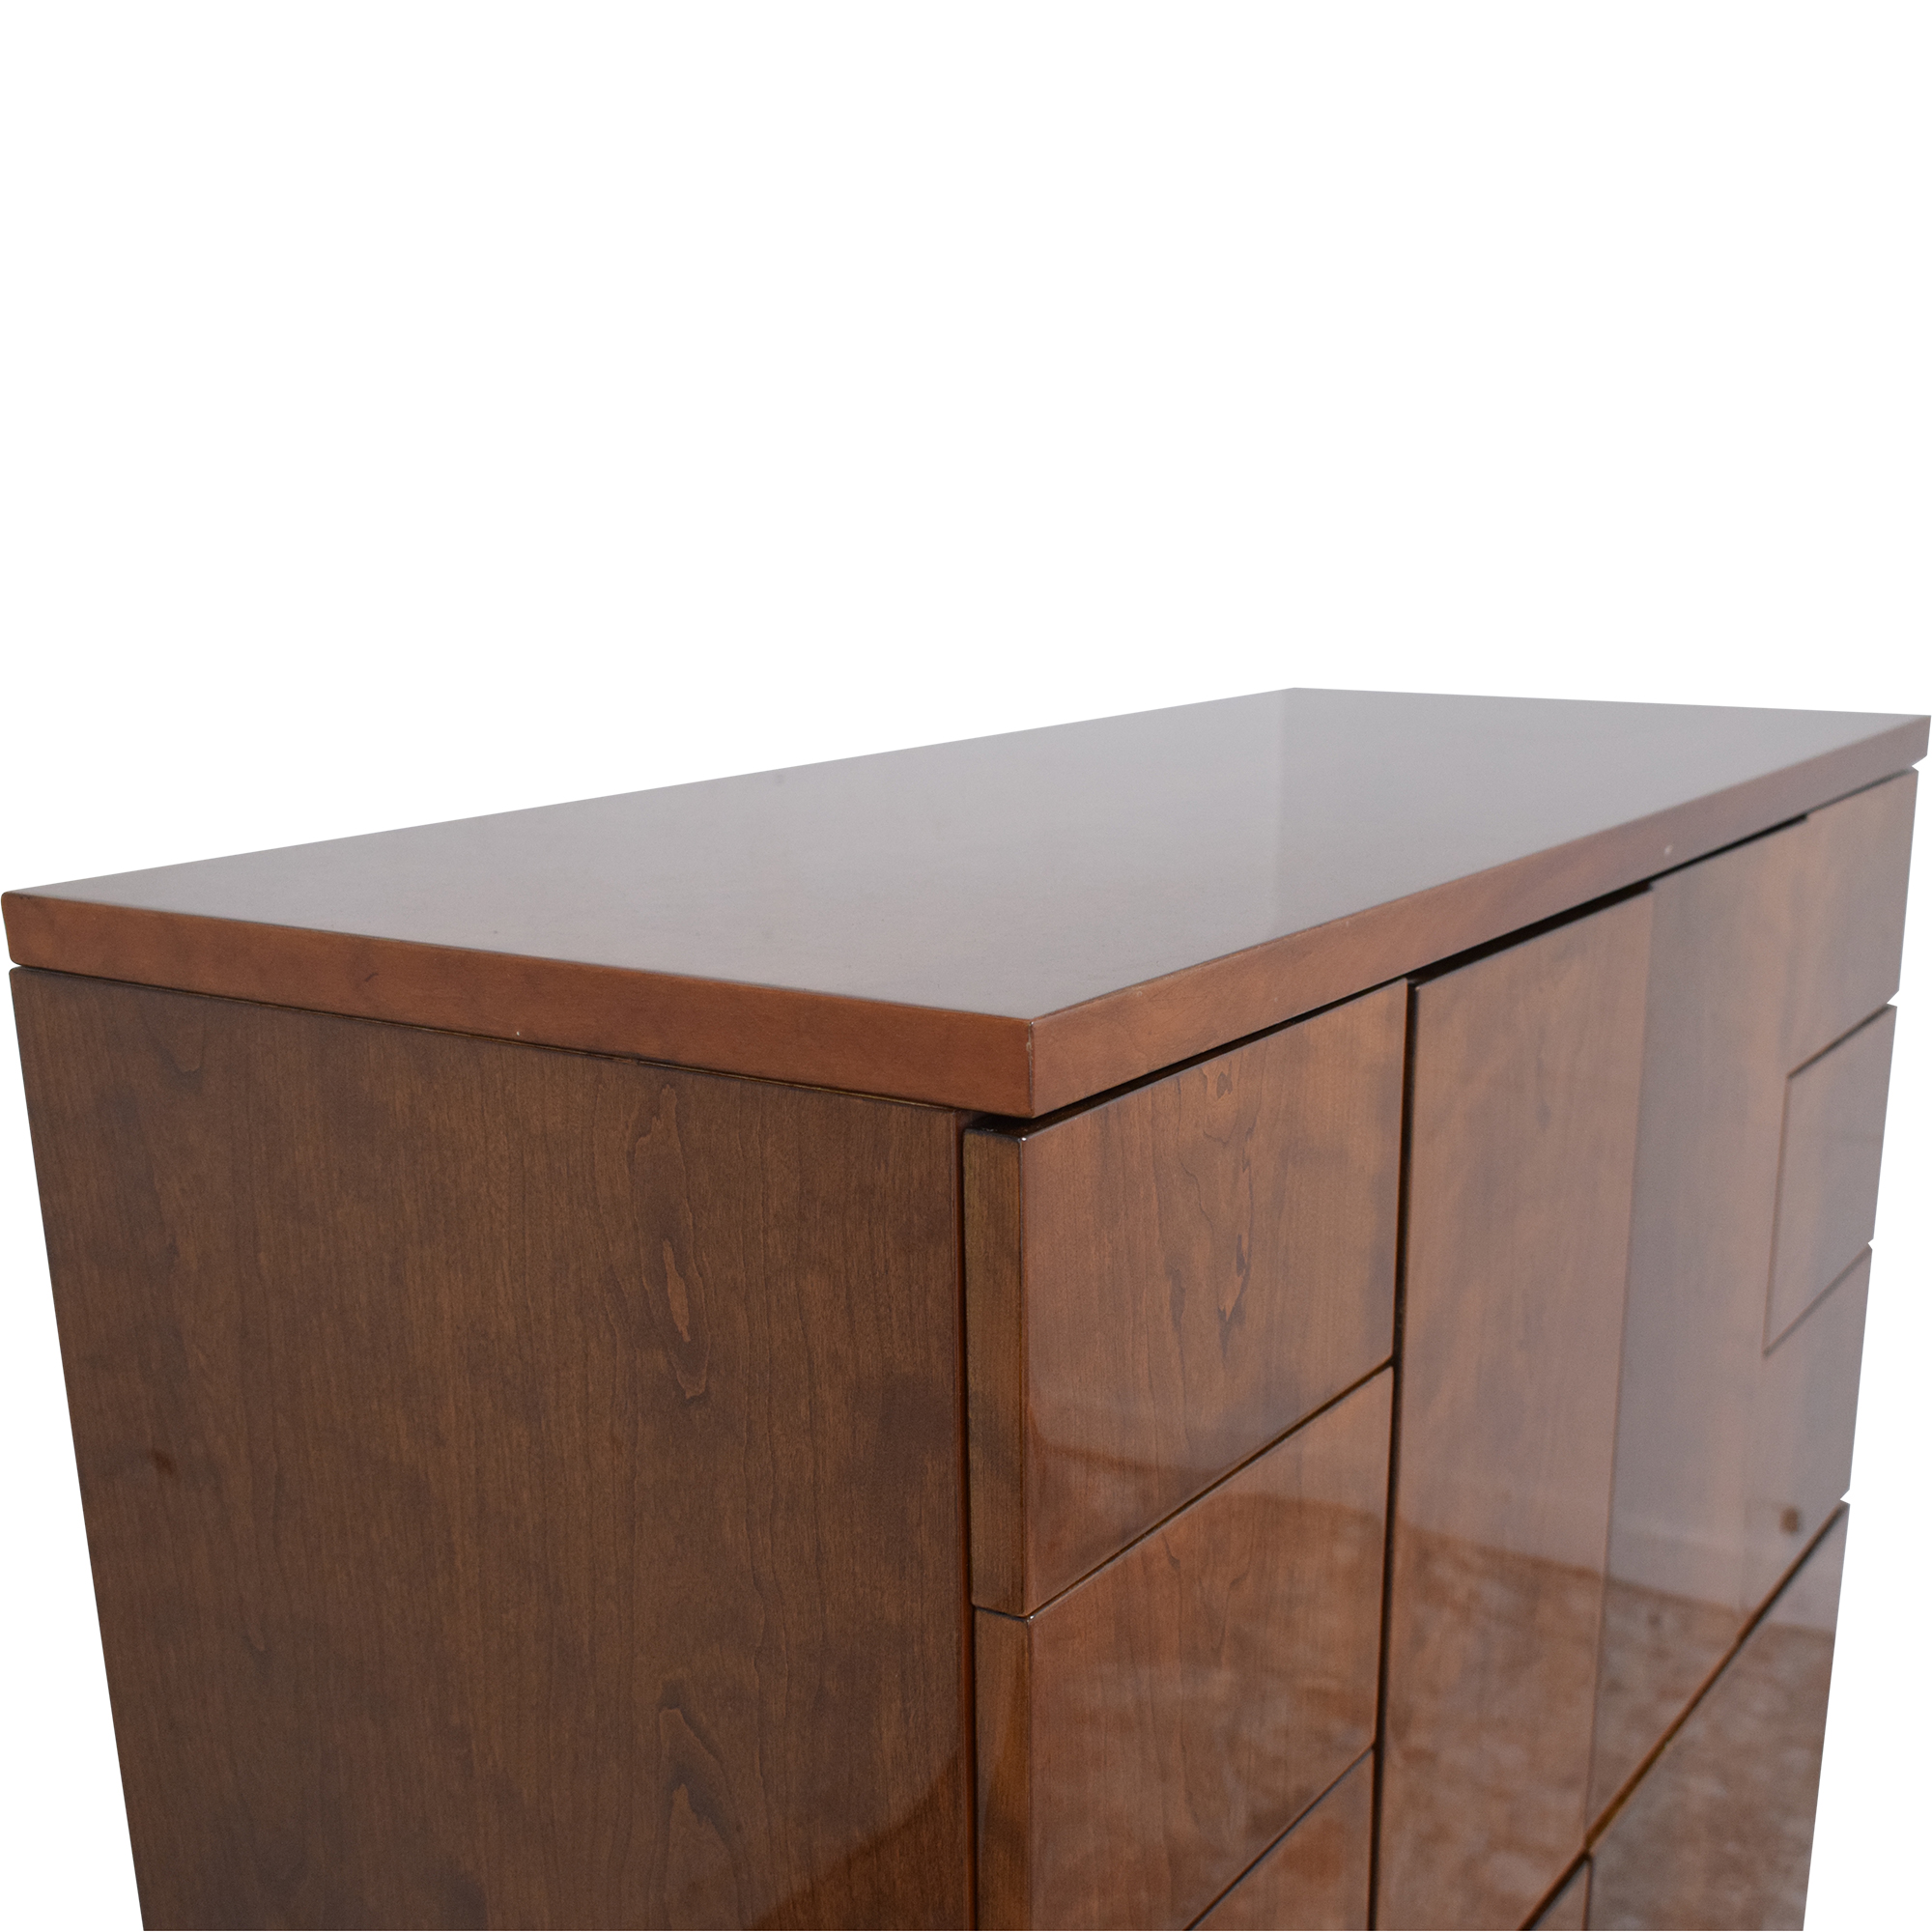 Henredon Furniture Henredon Furniture Storage Chest